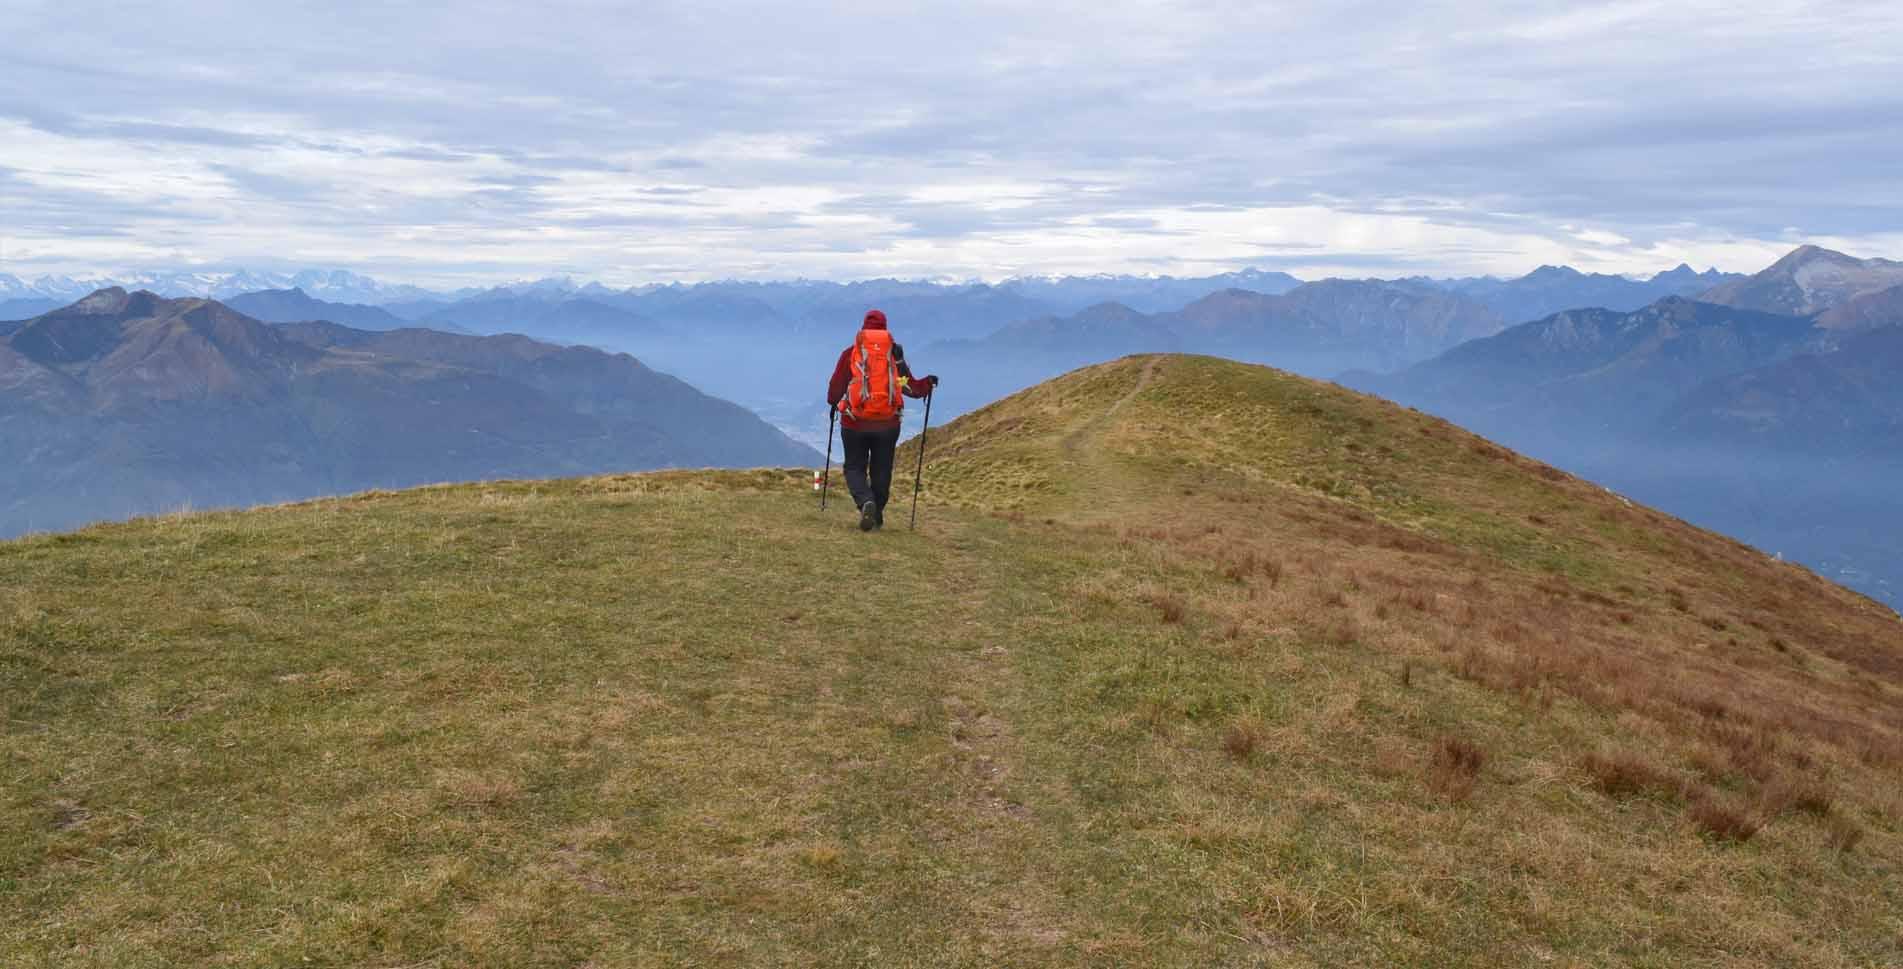 Wanderung auf den Monte Bar, 1814 m.ü.M., auf dem Sentiero del Monte Bar von Corticiasca via Capanna Monte Bar, Monte Bar, Caval Drossa, Motto della Croce, Alpe Rompiago nach Bidogno